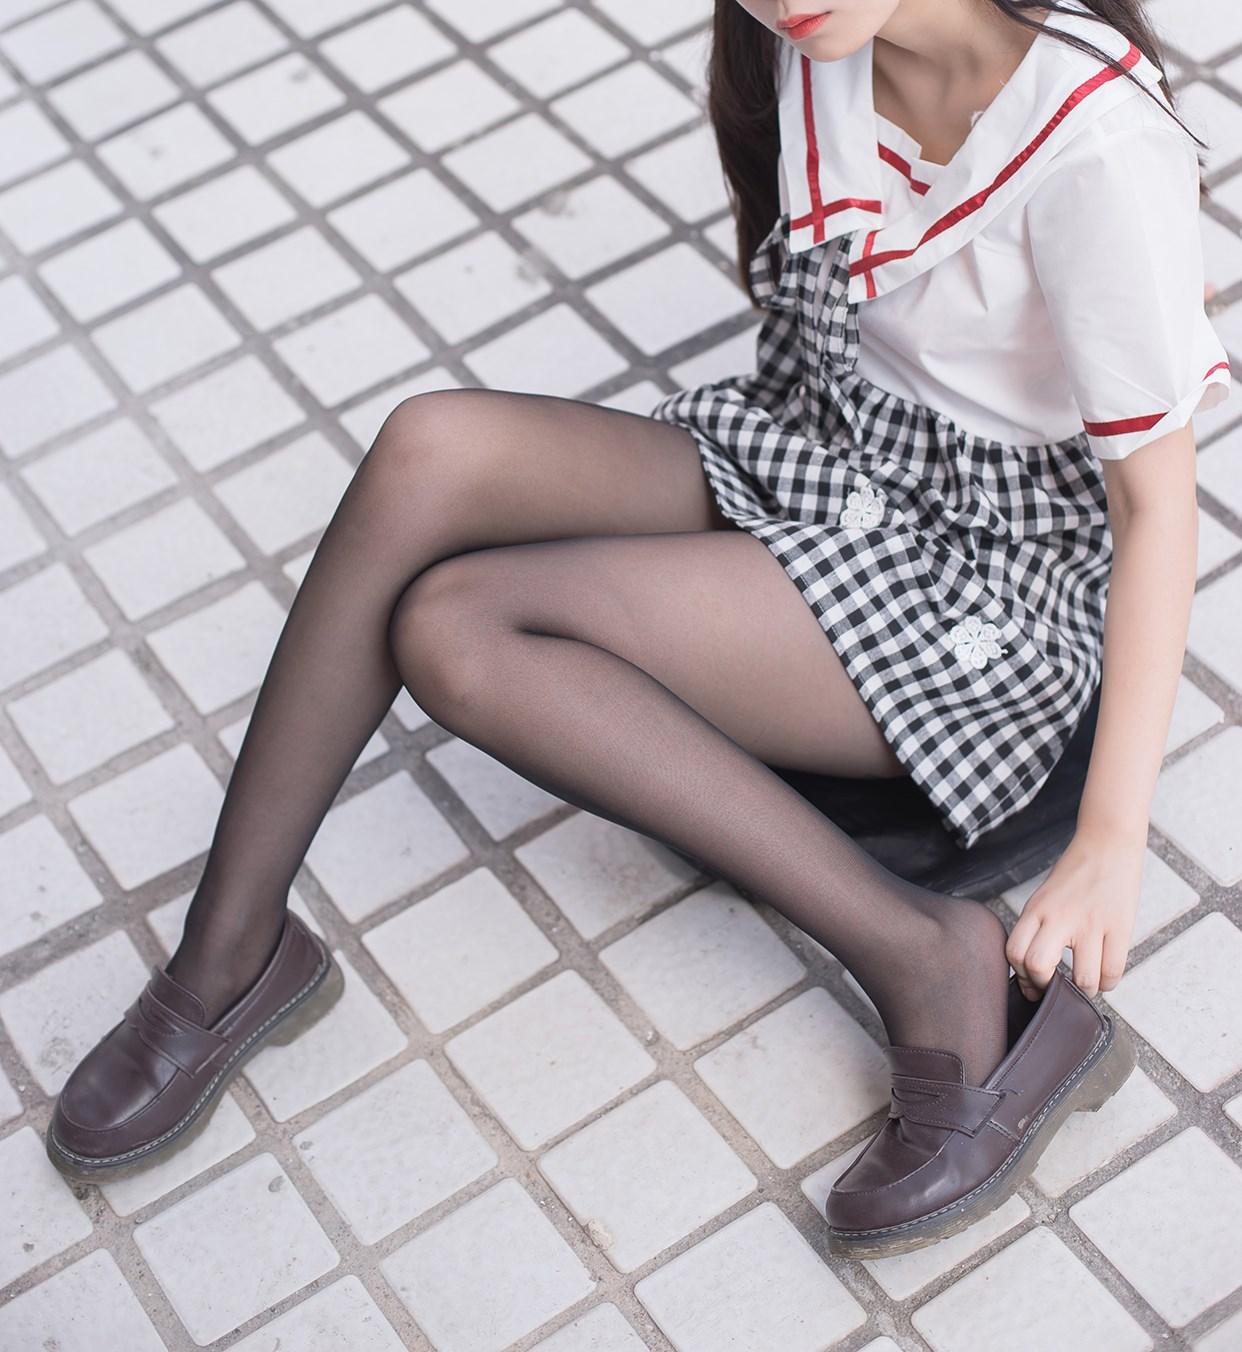 【兔玩映画】萝莉穿黑丝啦! 兔玩映画 第30张